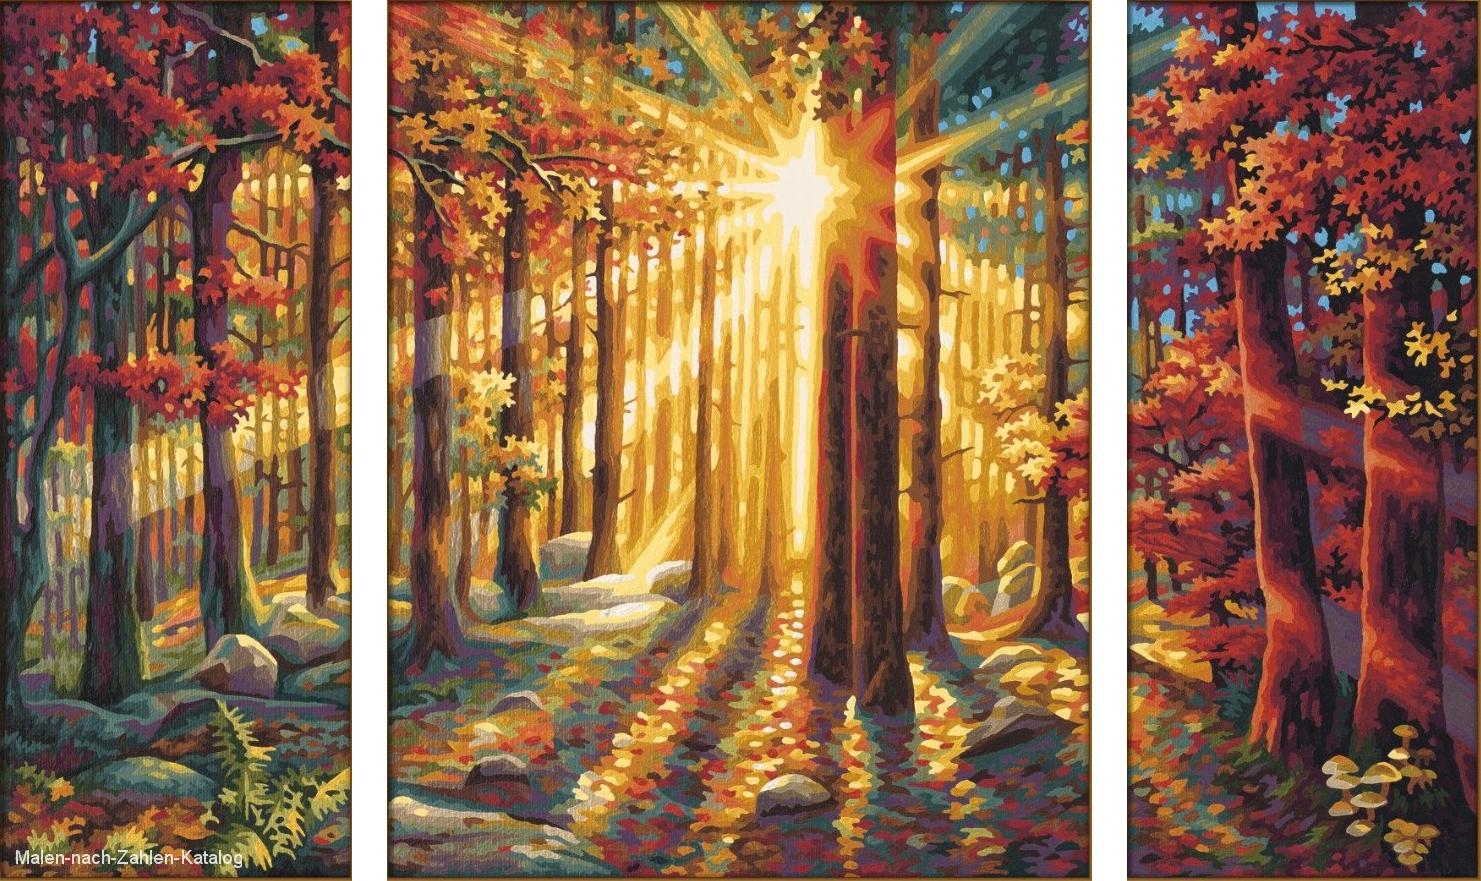 Herbstwald Malen Nach Zahlen Katalog